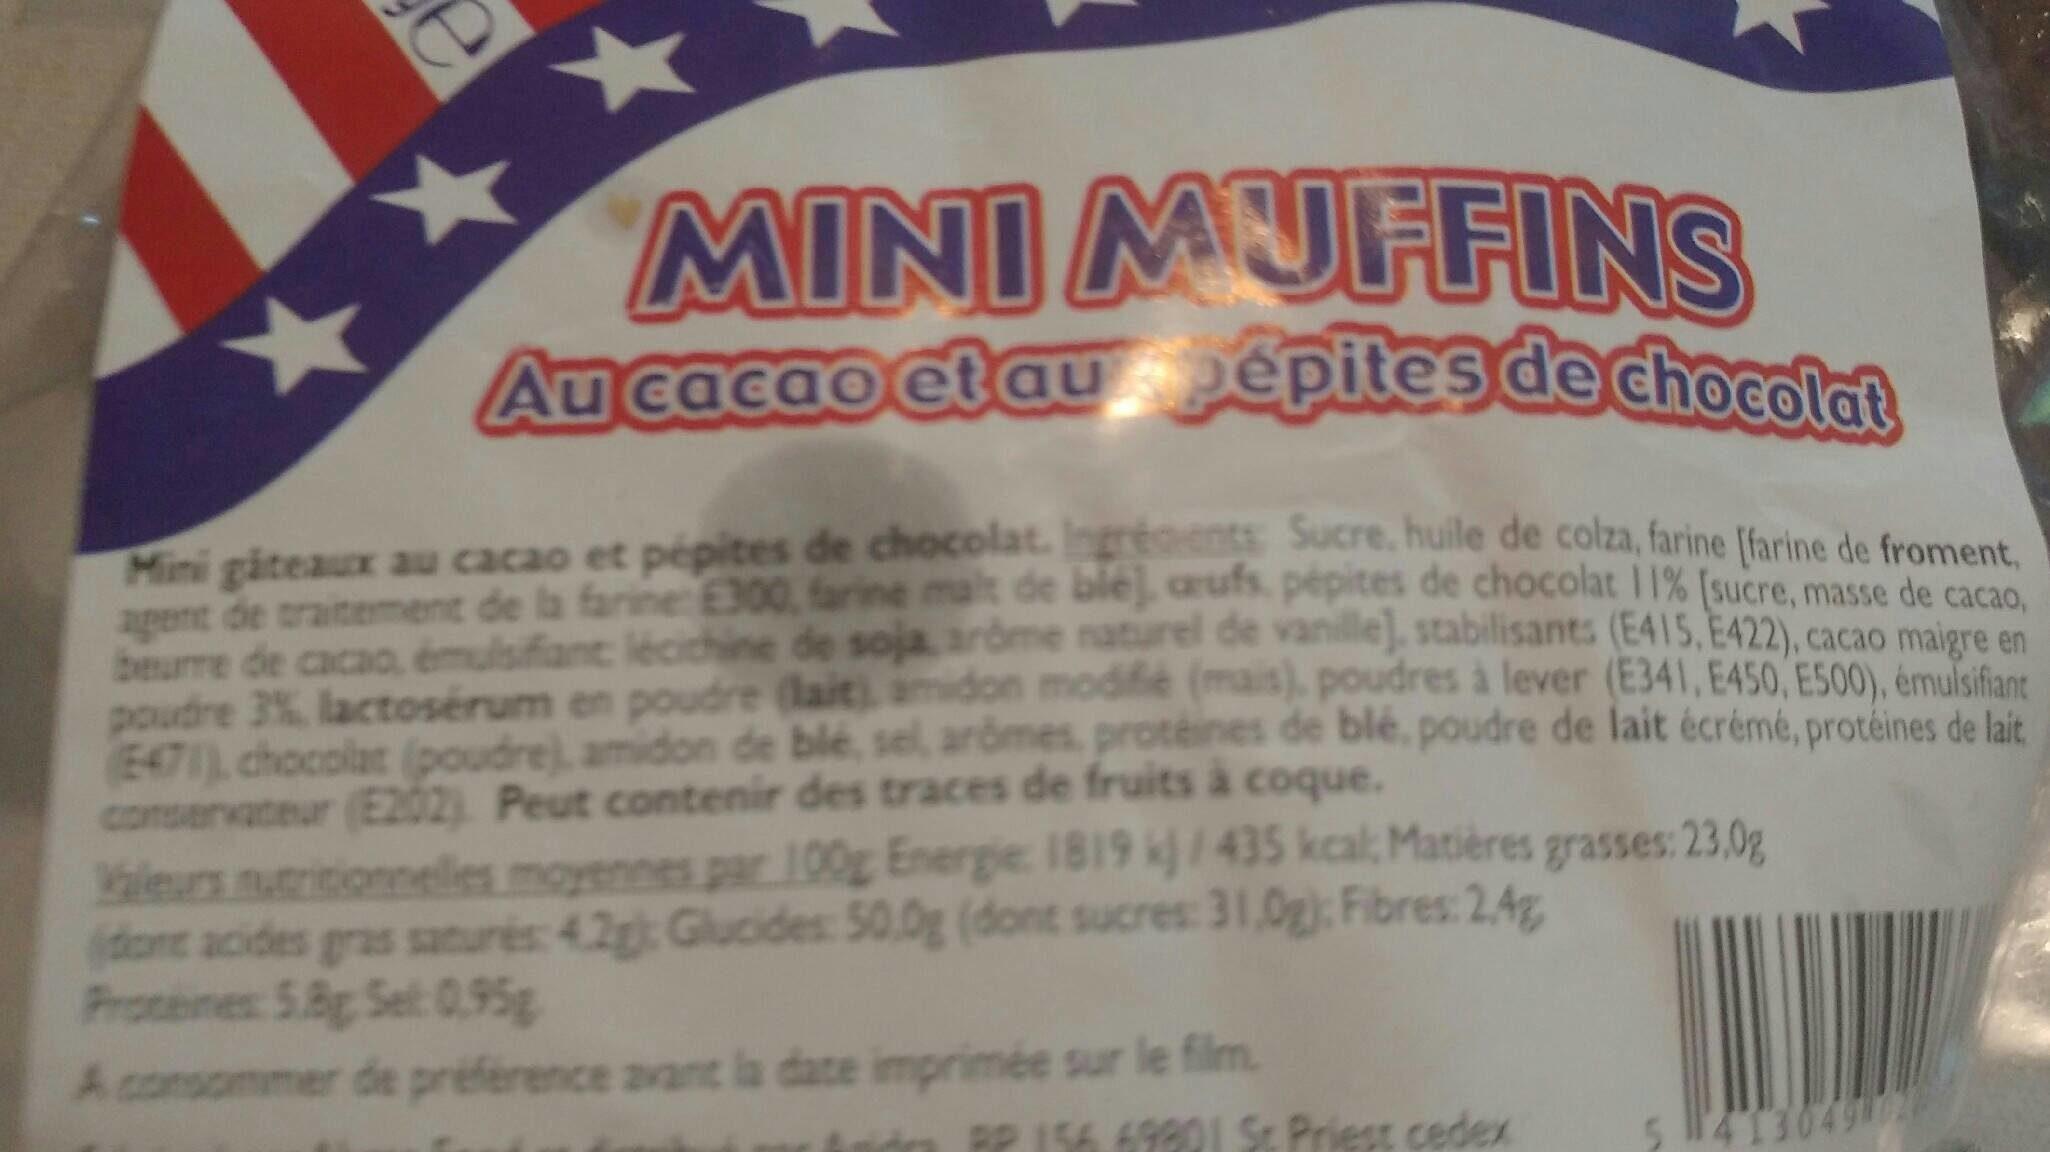 Mini muffins au cacao et aux pépites de chocolat - Produit